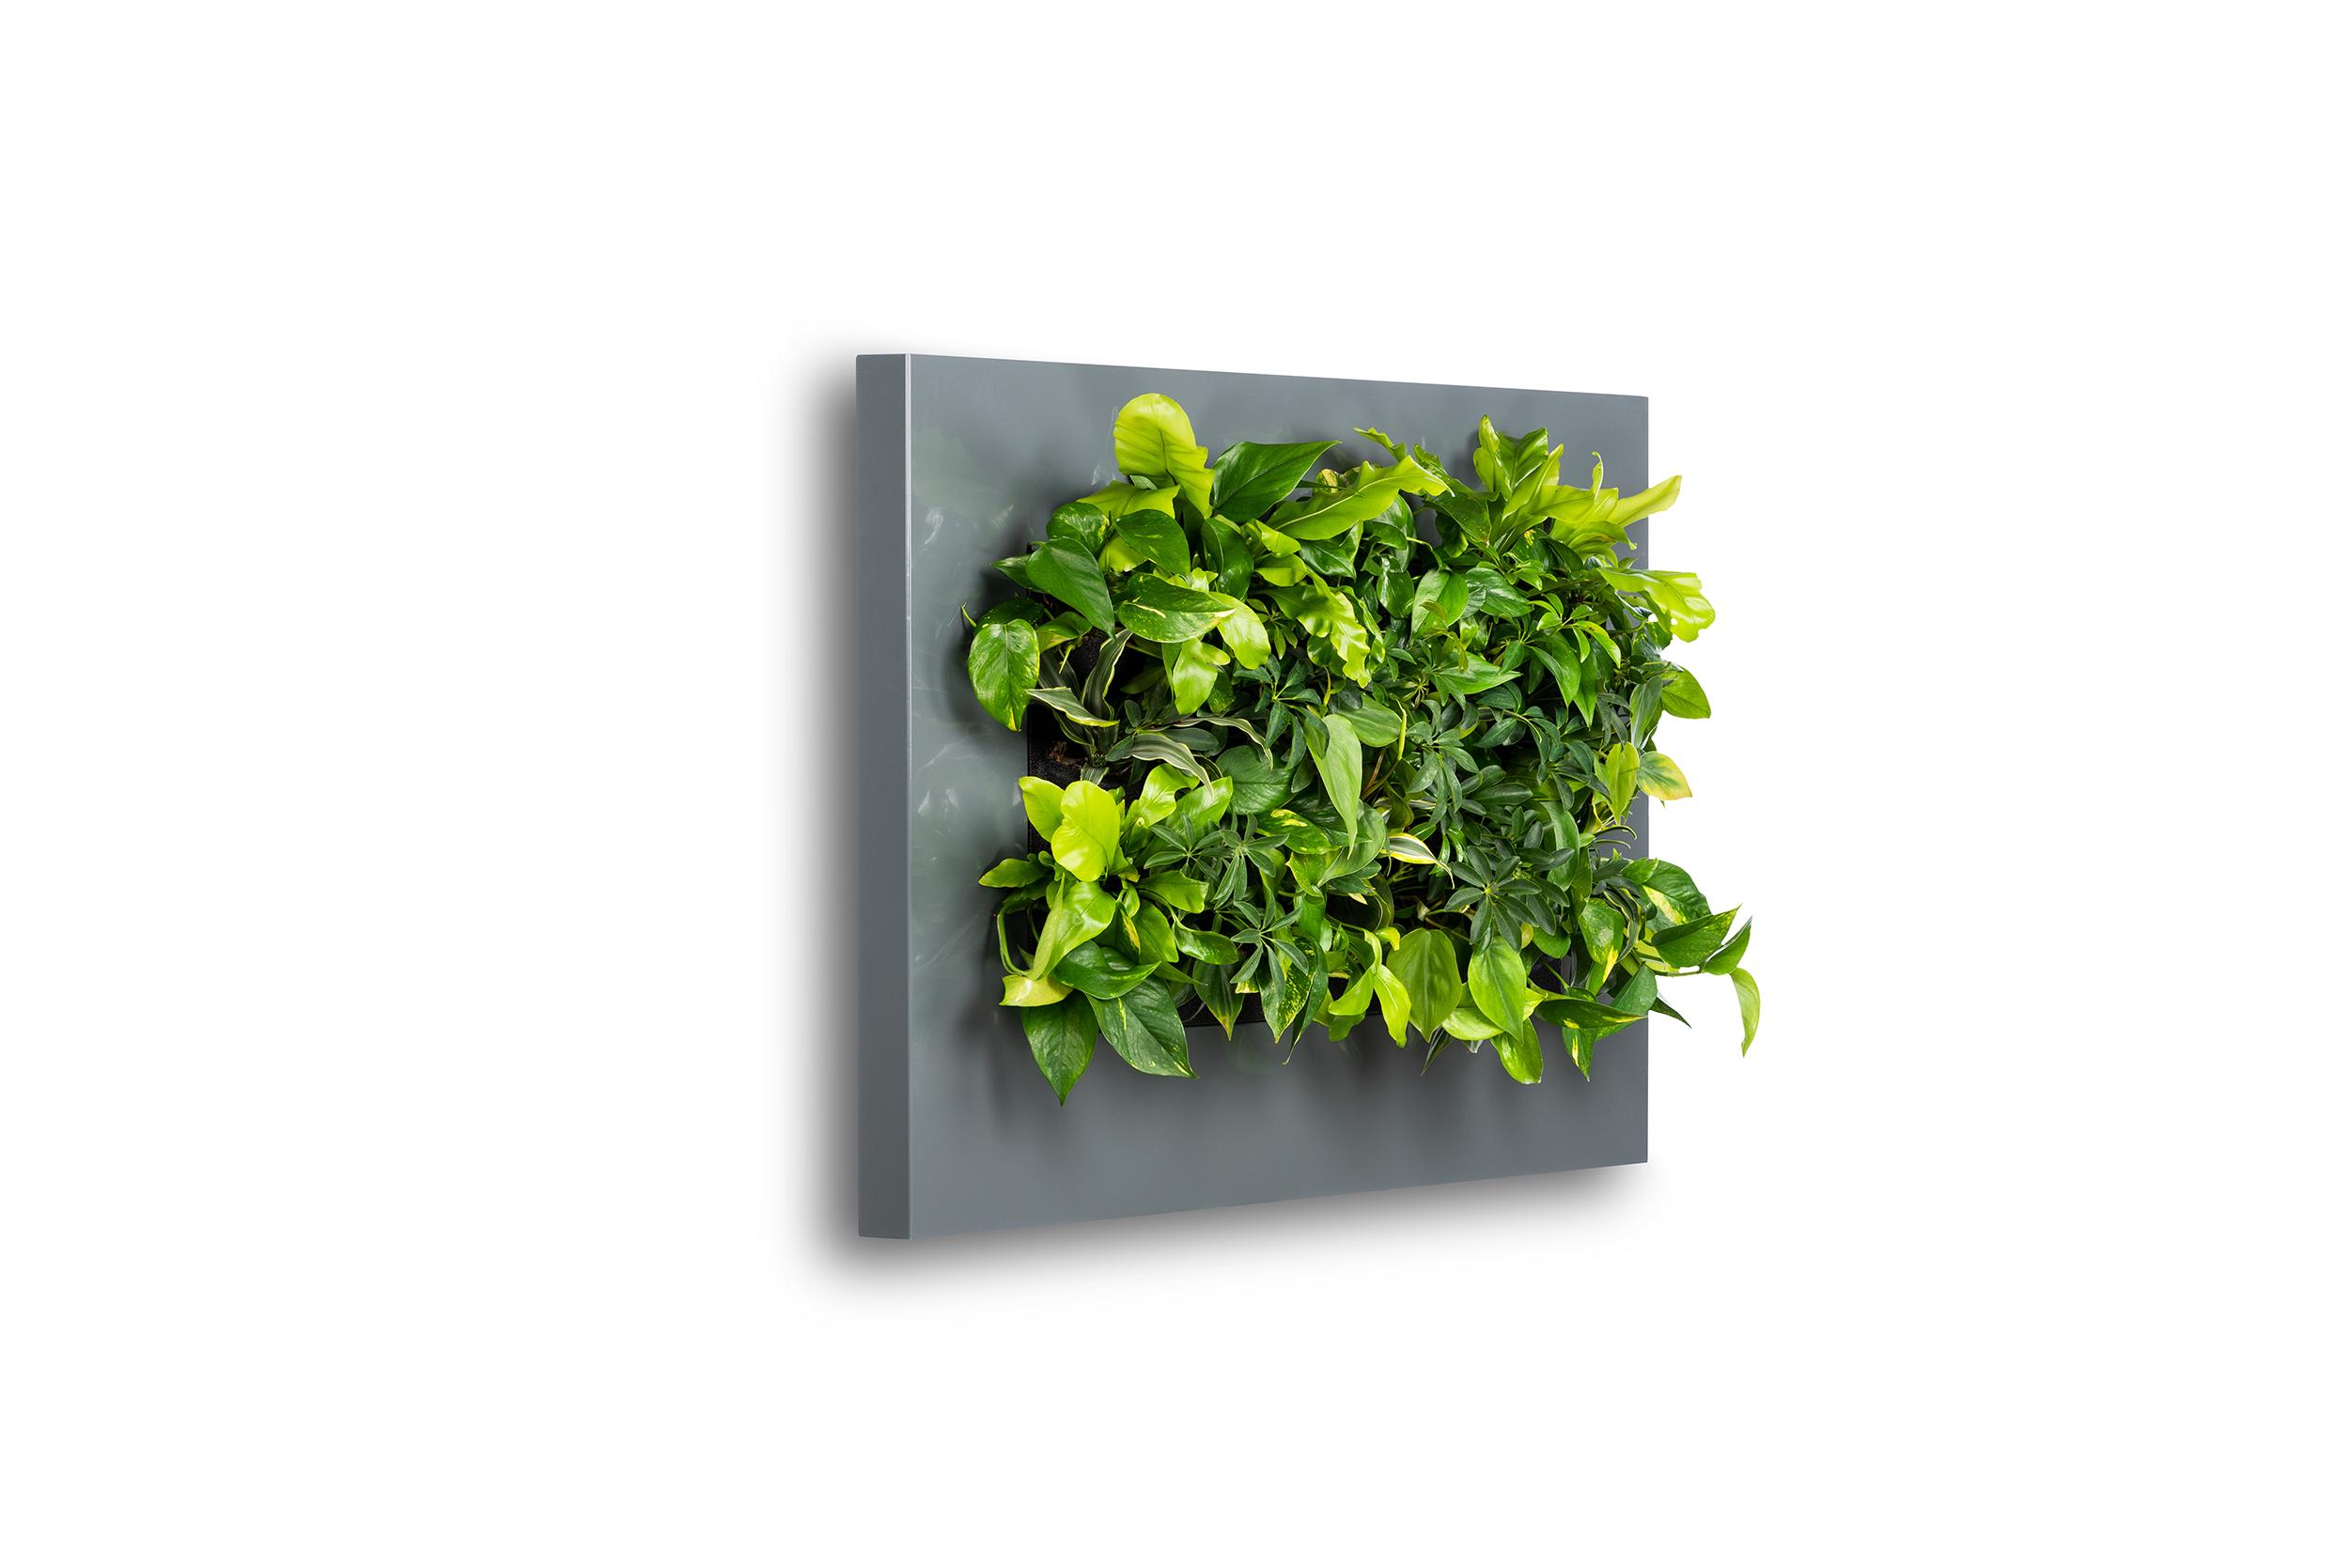 Levende Plantenschilderij LivePicture 2 Antraciet 112 x 72 x 7 cm incl. planten